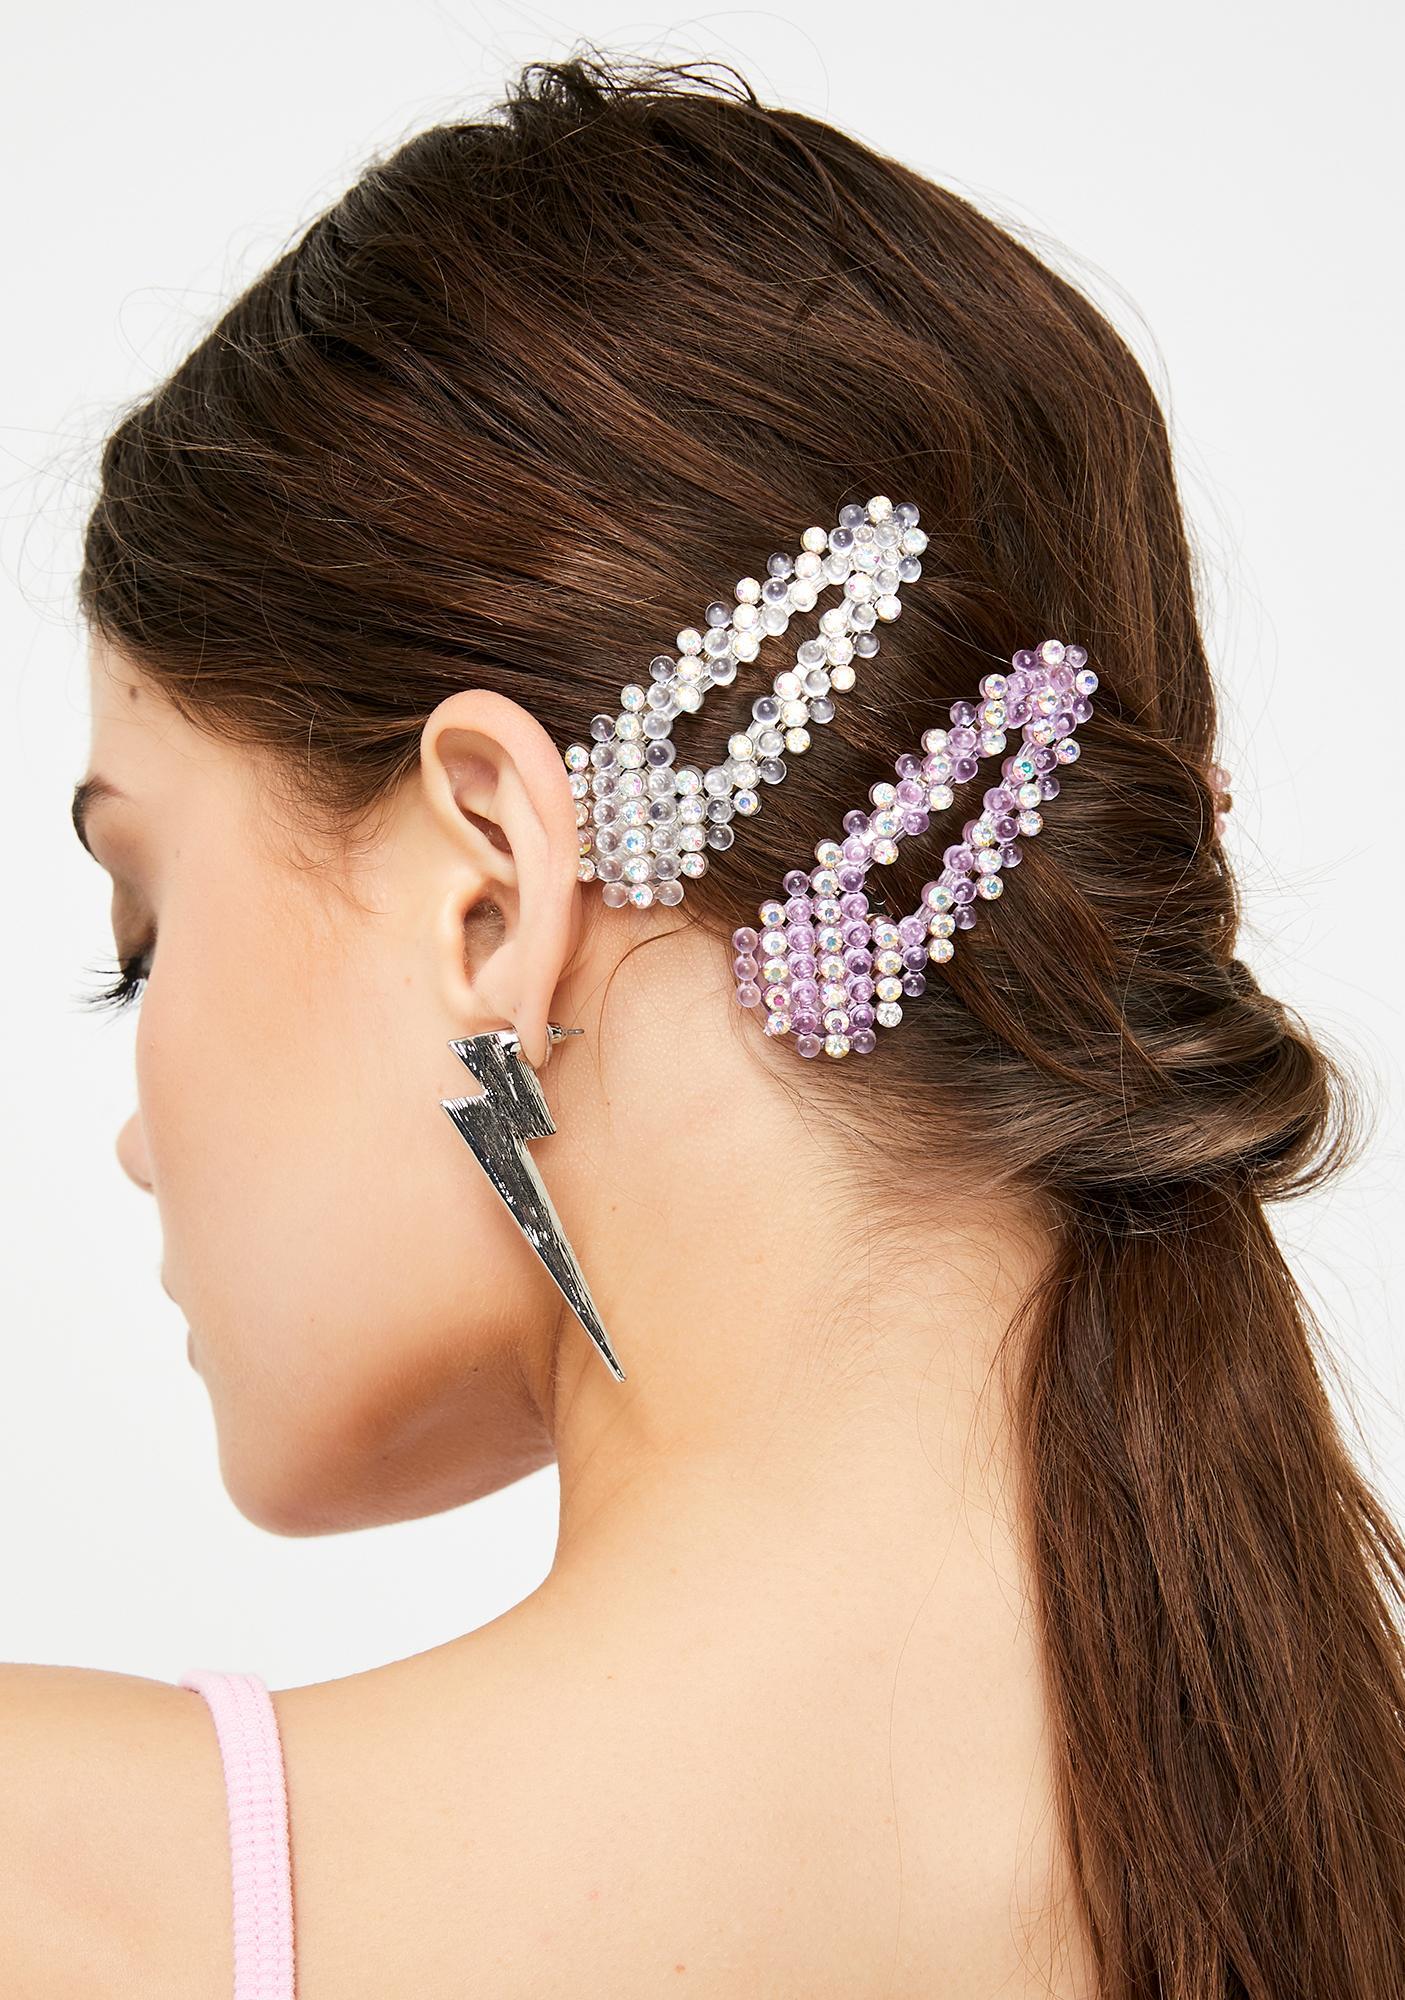 Pastel Pixie Hair Clip Set